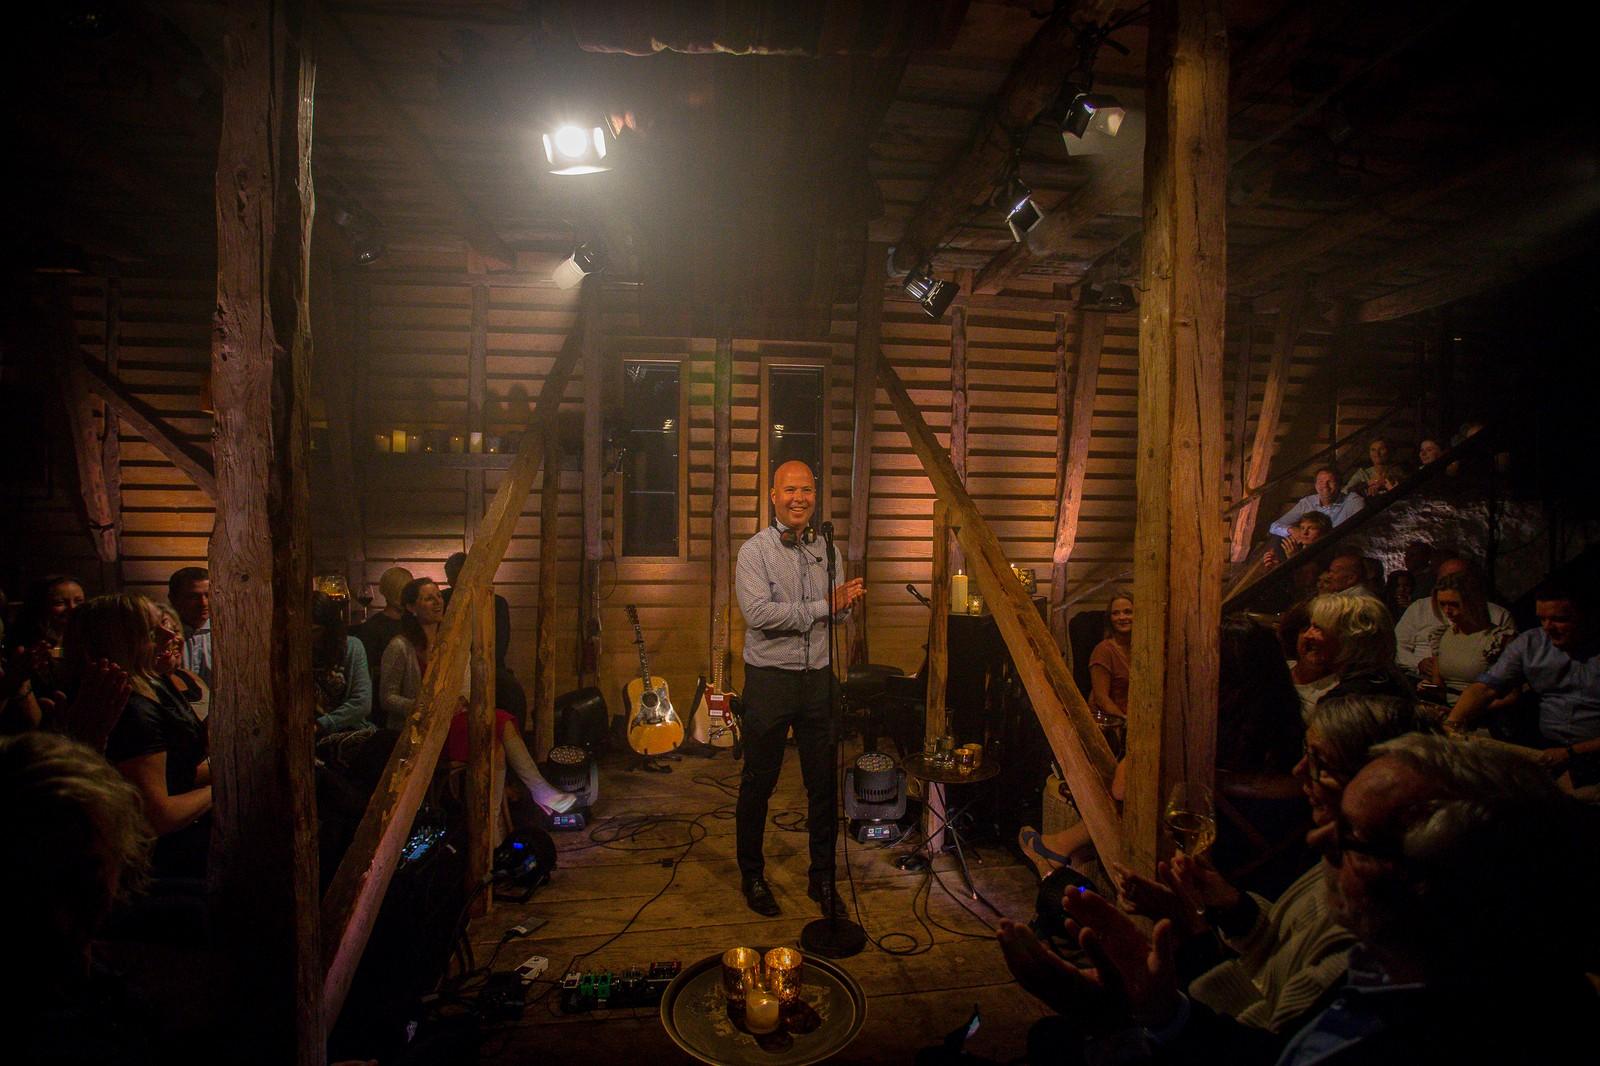 Prosjektleiar i NRK, Stian Sjursen Takle, ønskte publikum velkommen inne i operalåven.